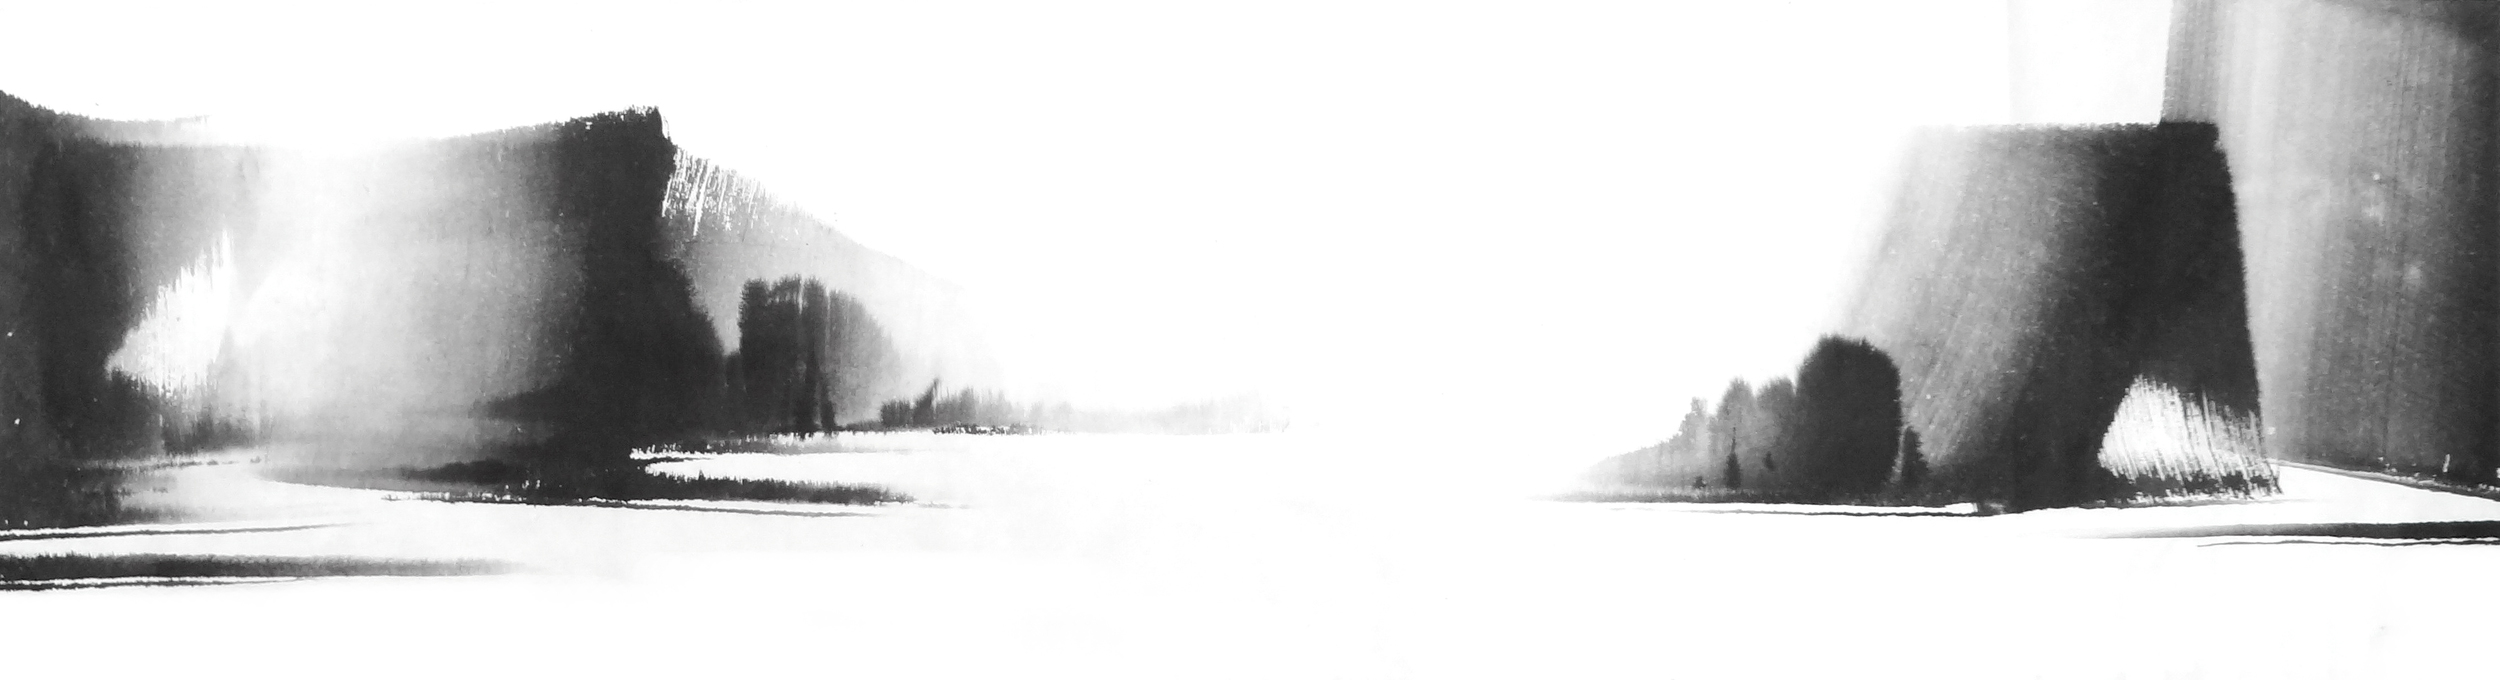 k.빛 다시 Again in His Light, 38X140cm, ink on paper, 2012.JPG